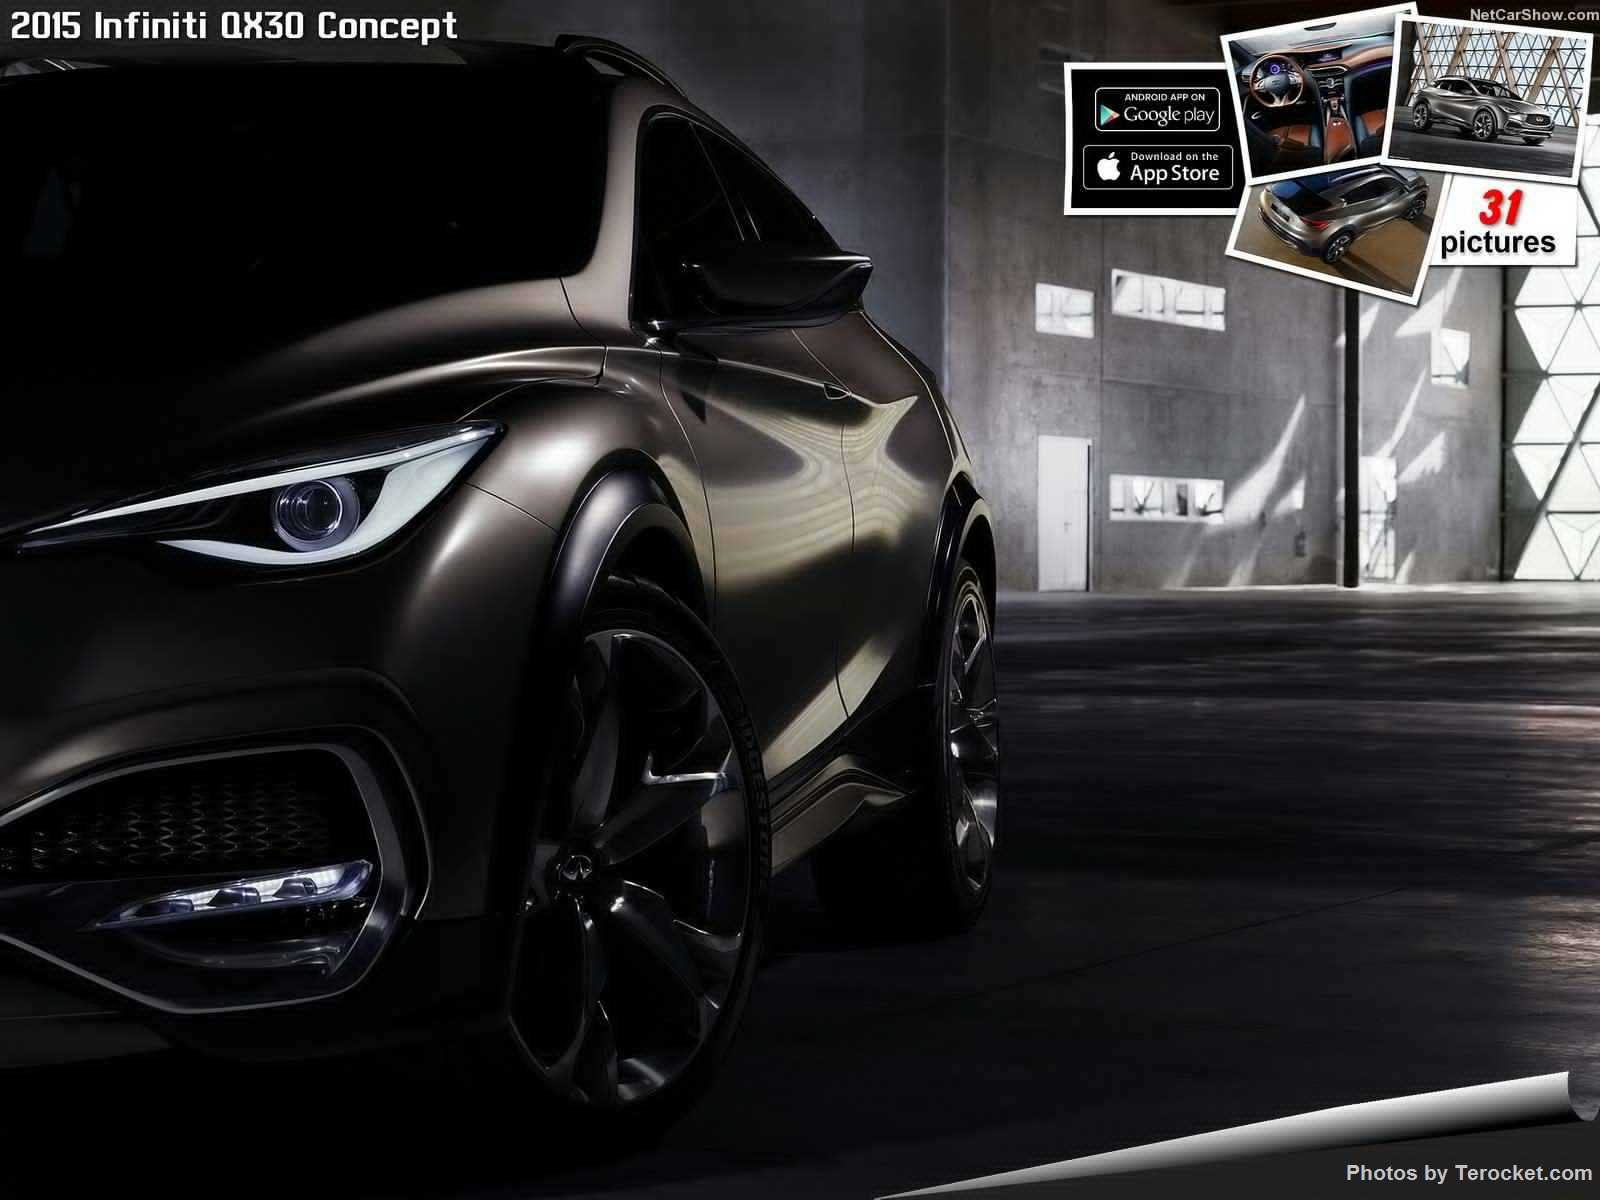 Hình ảnh xe ô tô Infiniti QX30 Concept 2015 & nội ngoại thất